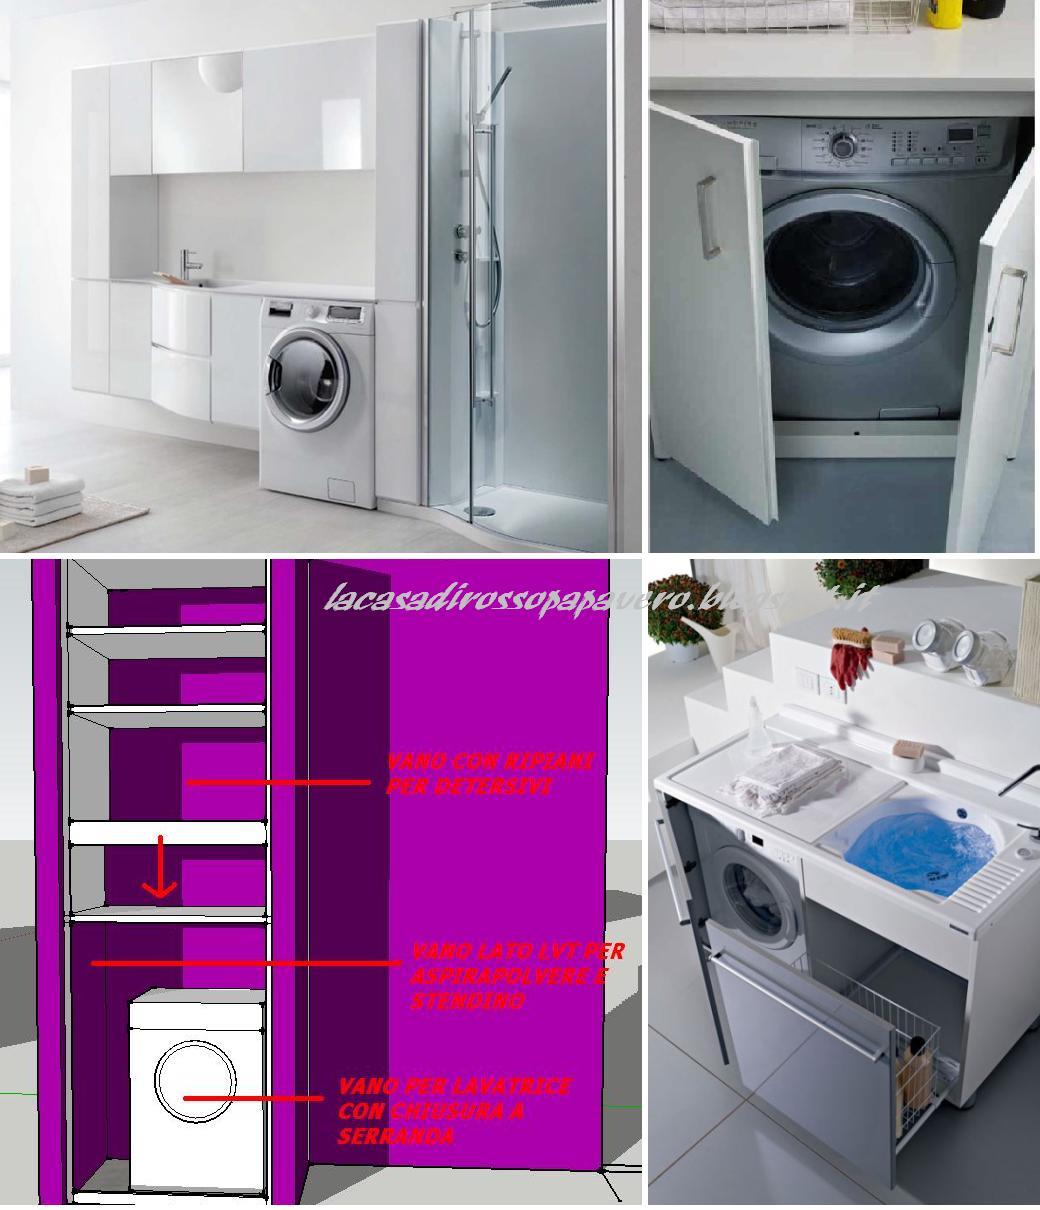 La casa rosso papavero lavatrice in bagno - Cam nascosta bagno ...